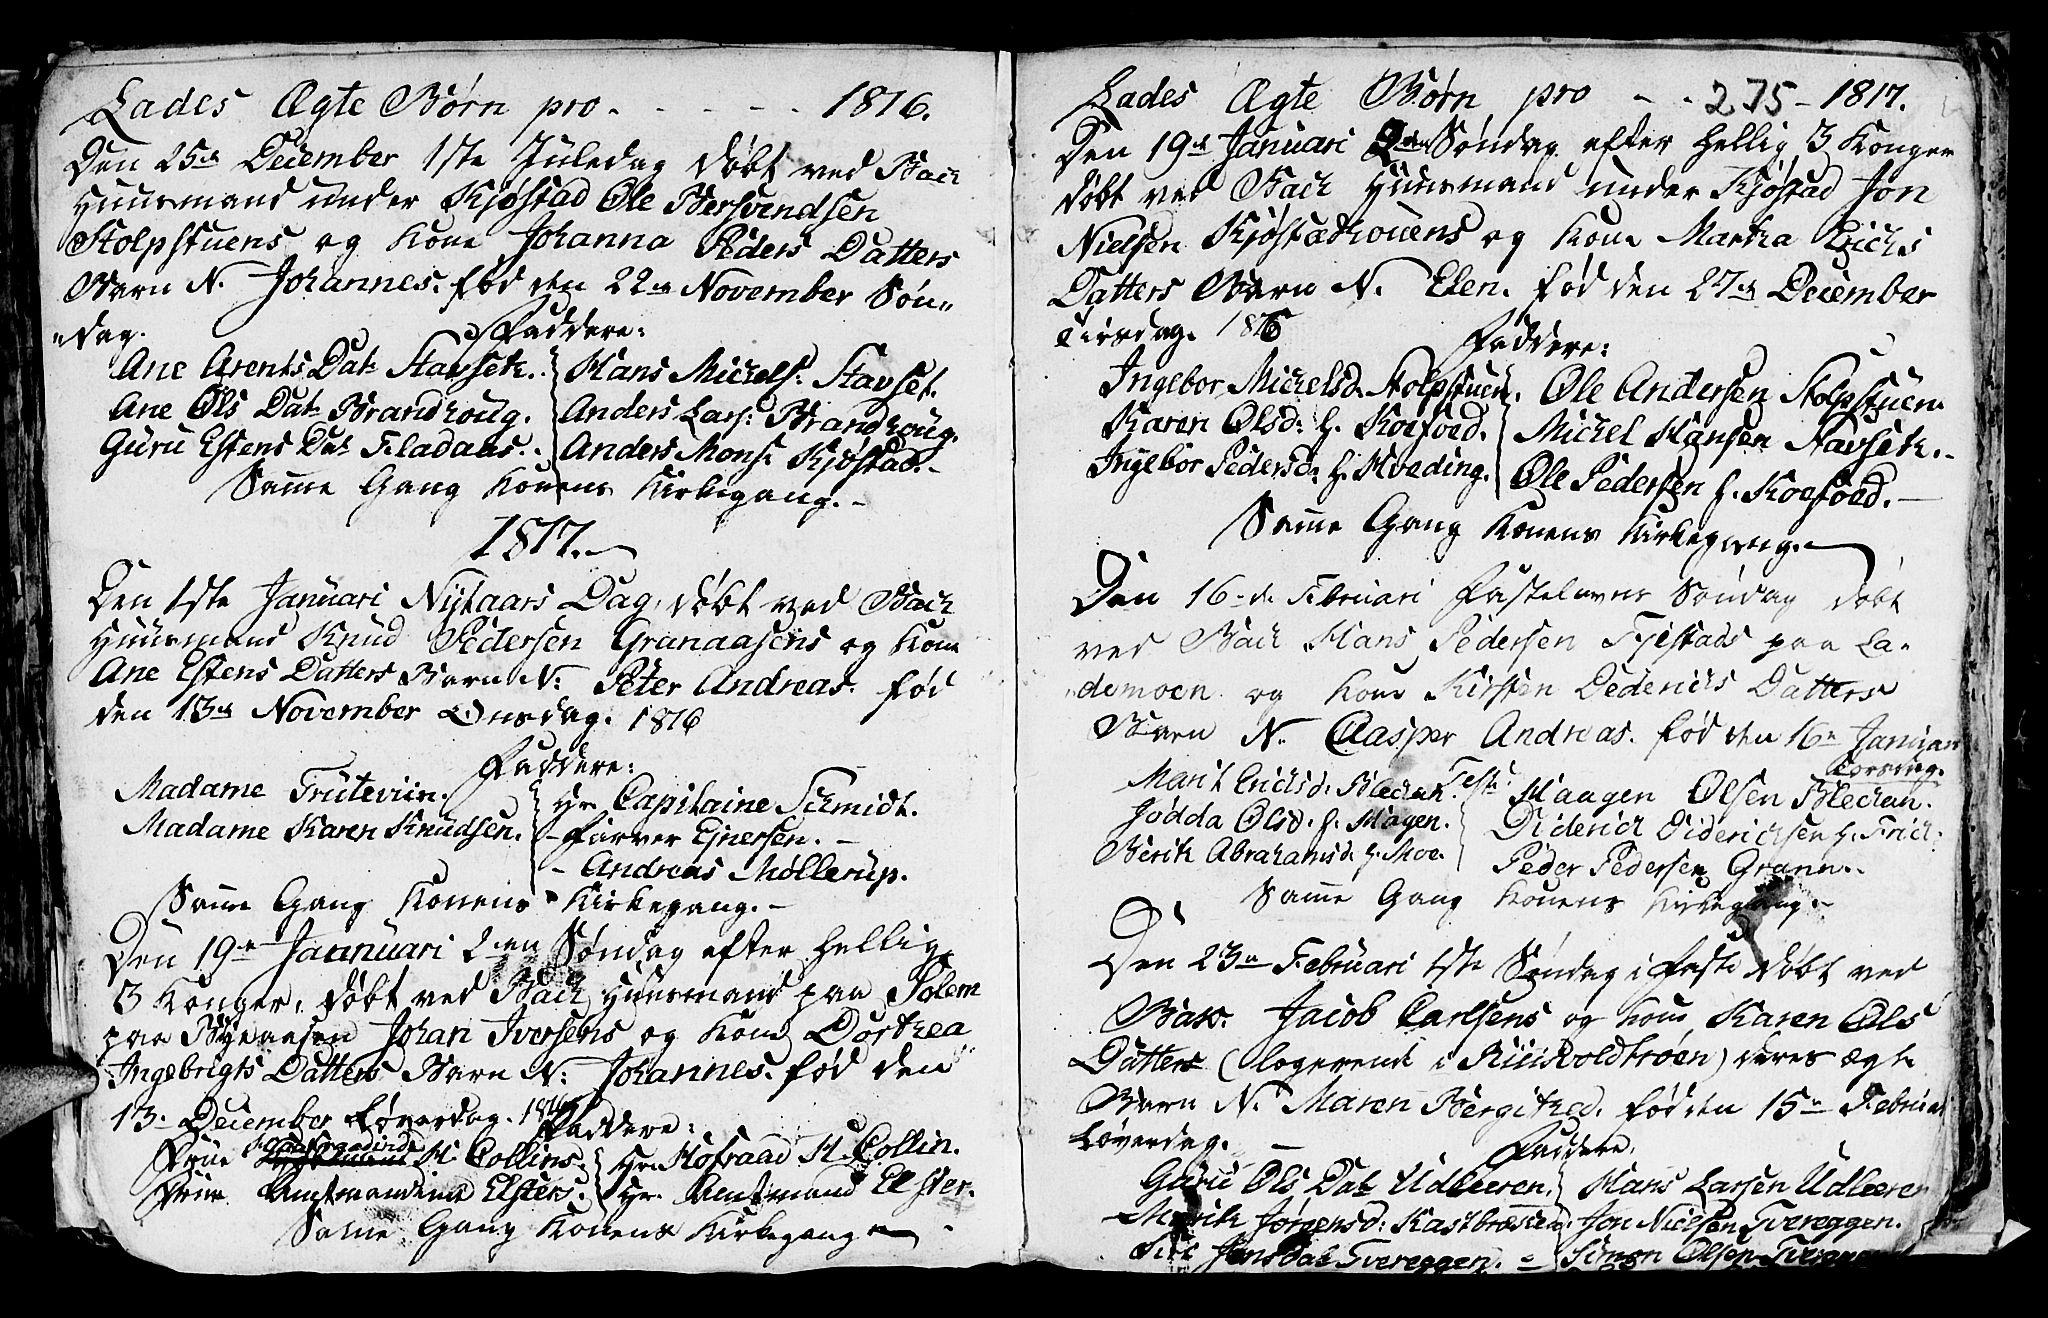 SAT, Ministerialprotokoller, klokkerbøker og fødselsregistre - Sør-Trøndelag, 606/L0305: Klokkerbok nr. 606C01, 1757-1819, s. 275